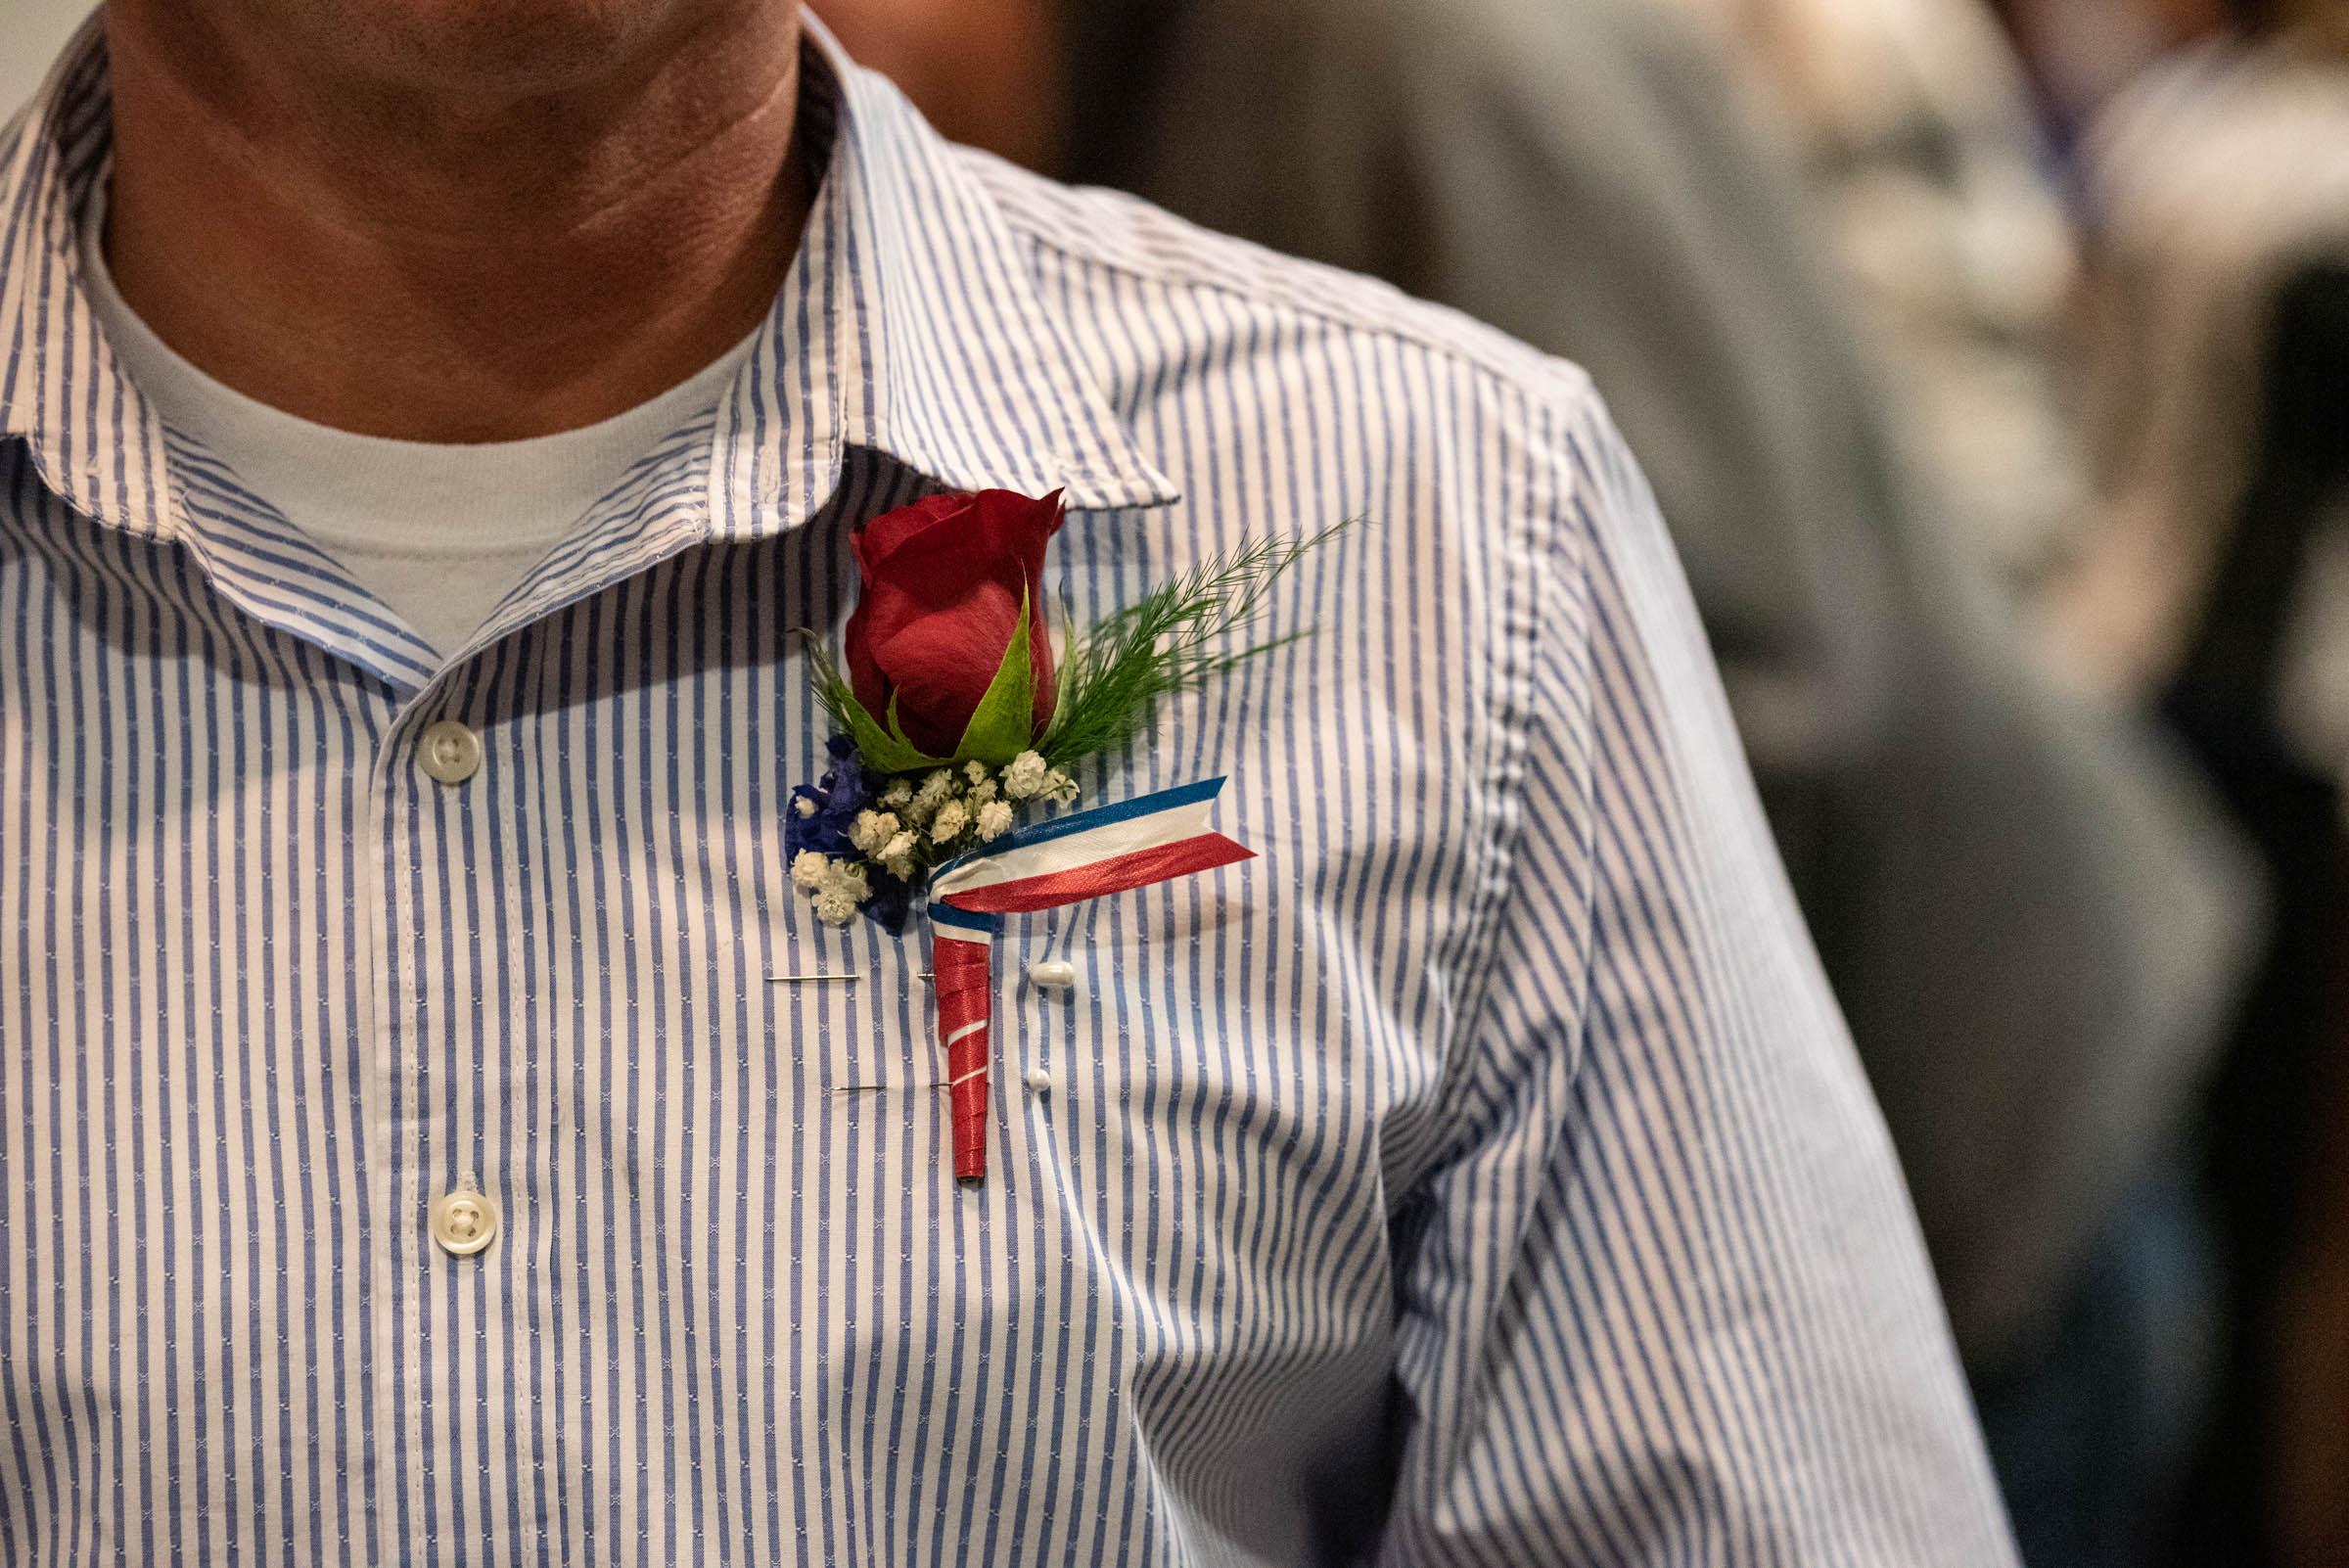 Veterans court graduate wears boutonniere